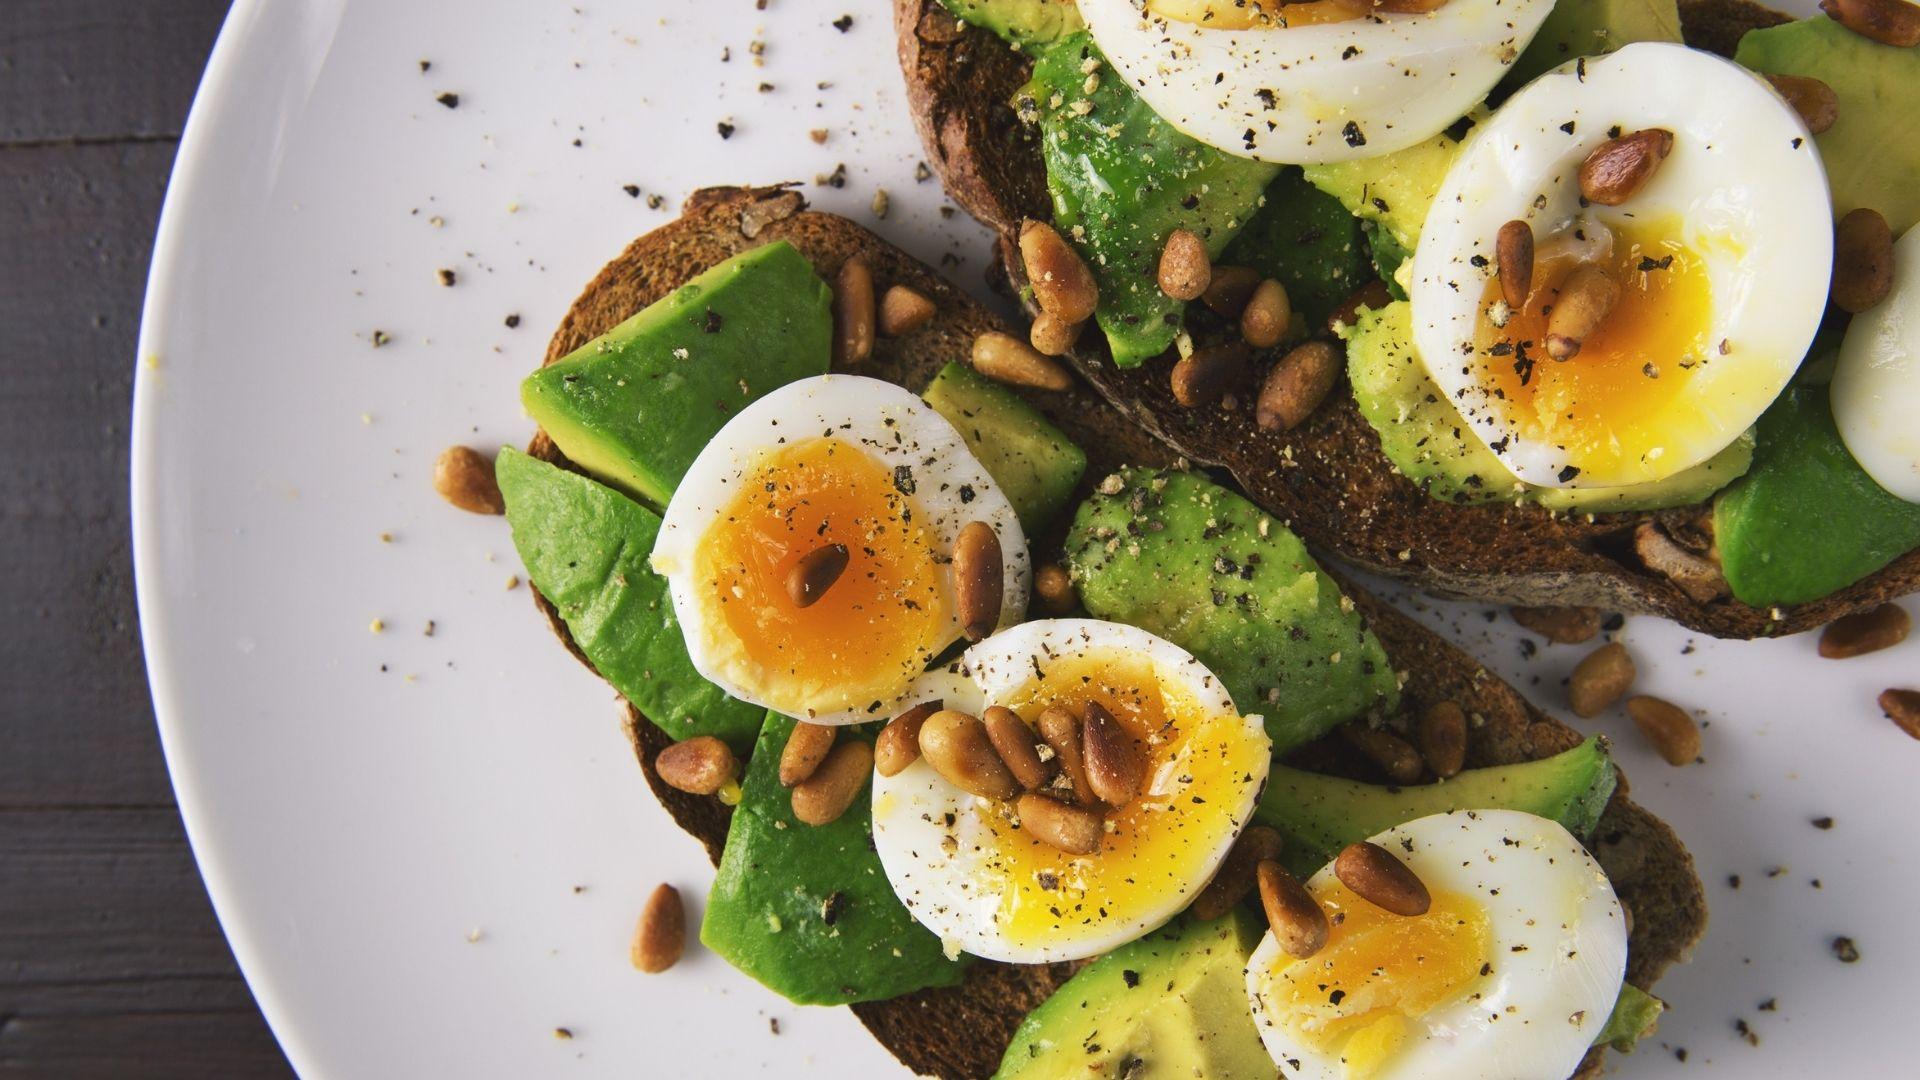 06 Essen nach dem Sport - Was sollte man ma besten nach dem Sport essen?